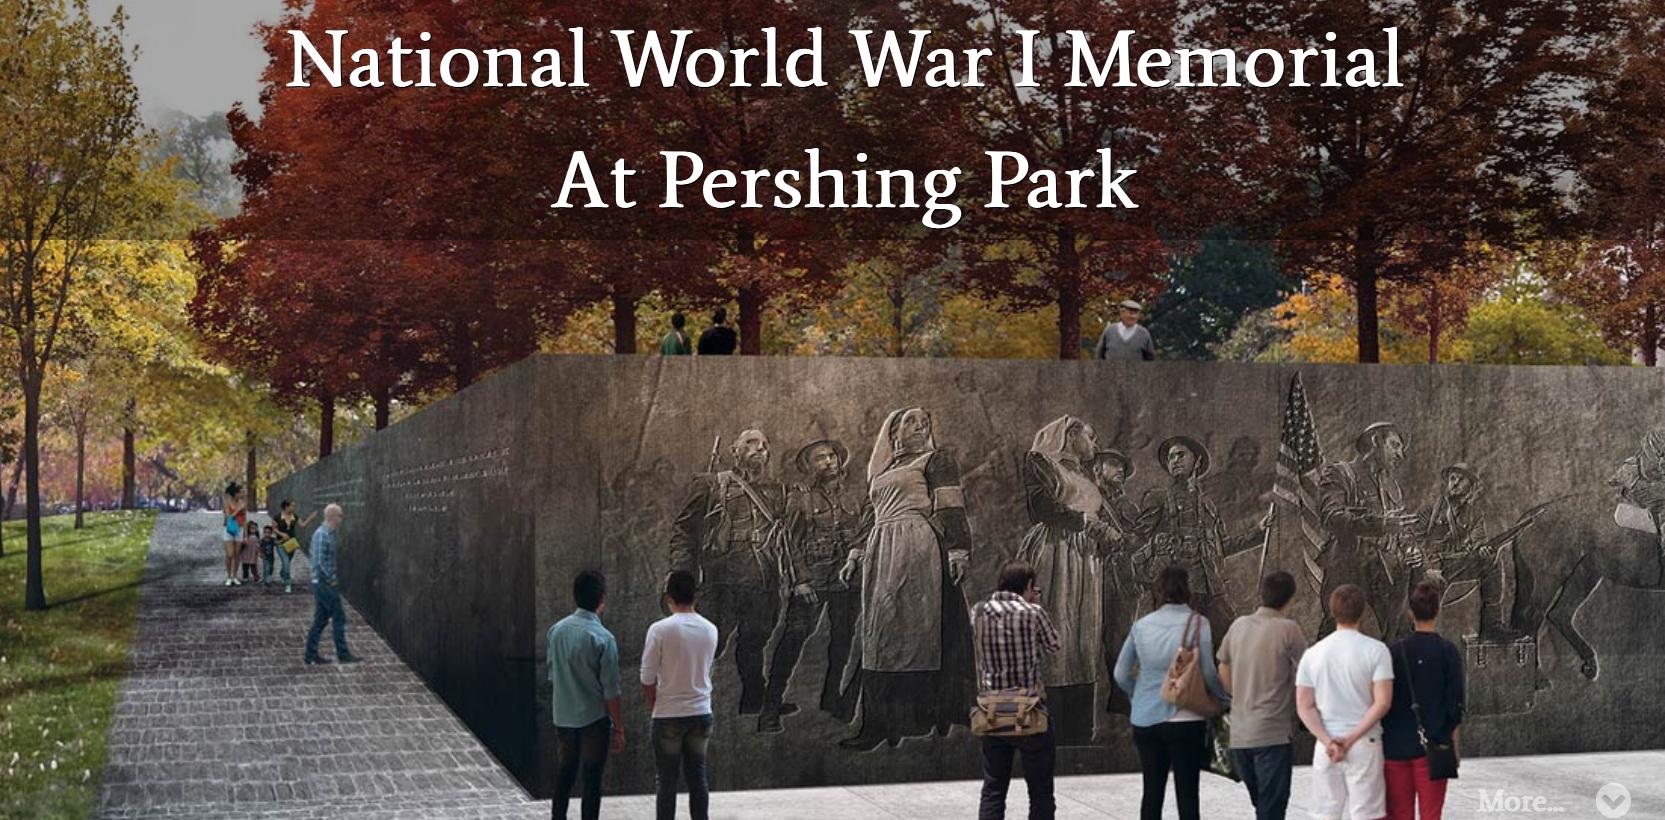 National WWI Memorial At Pershing Park